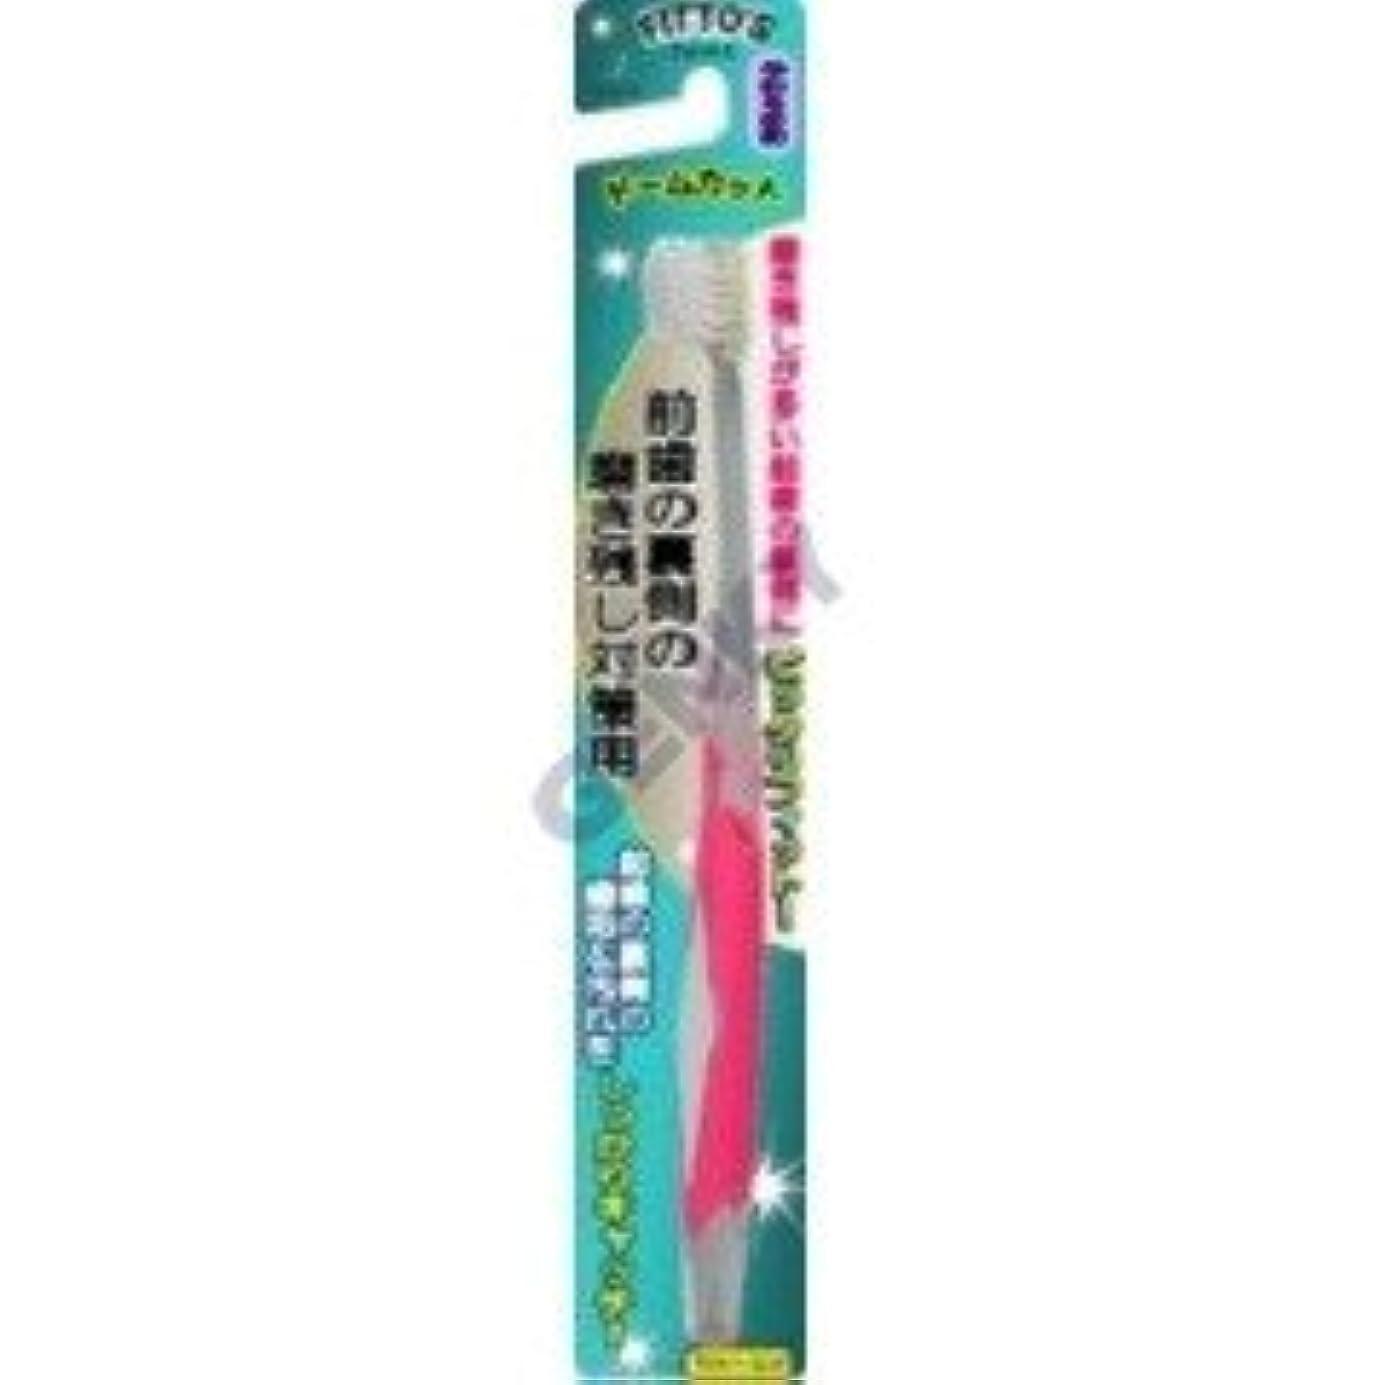 アジテーションマインド遊具*前歯の裏側の磨き残し対策用 フィットス やわらか